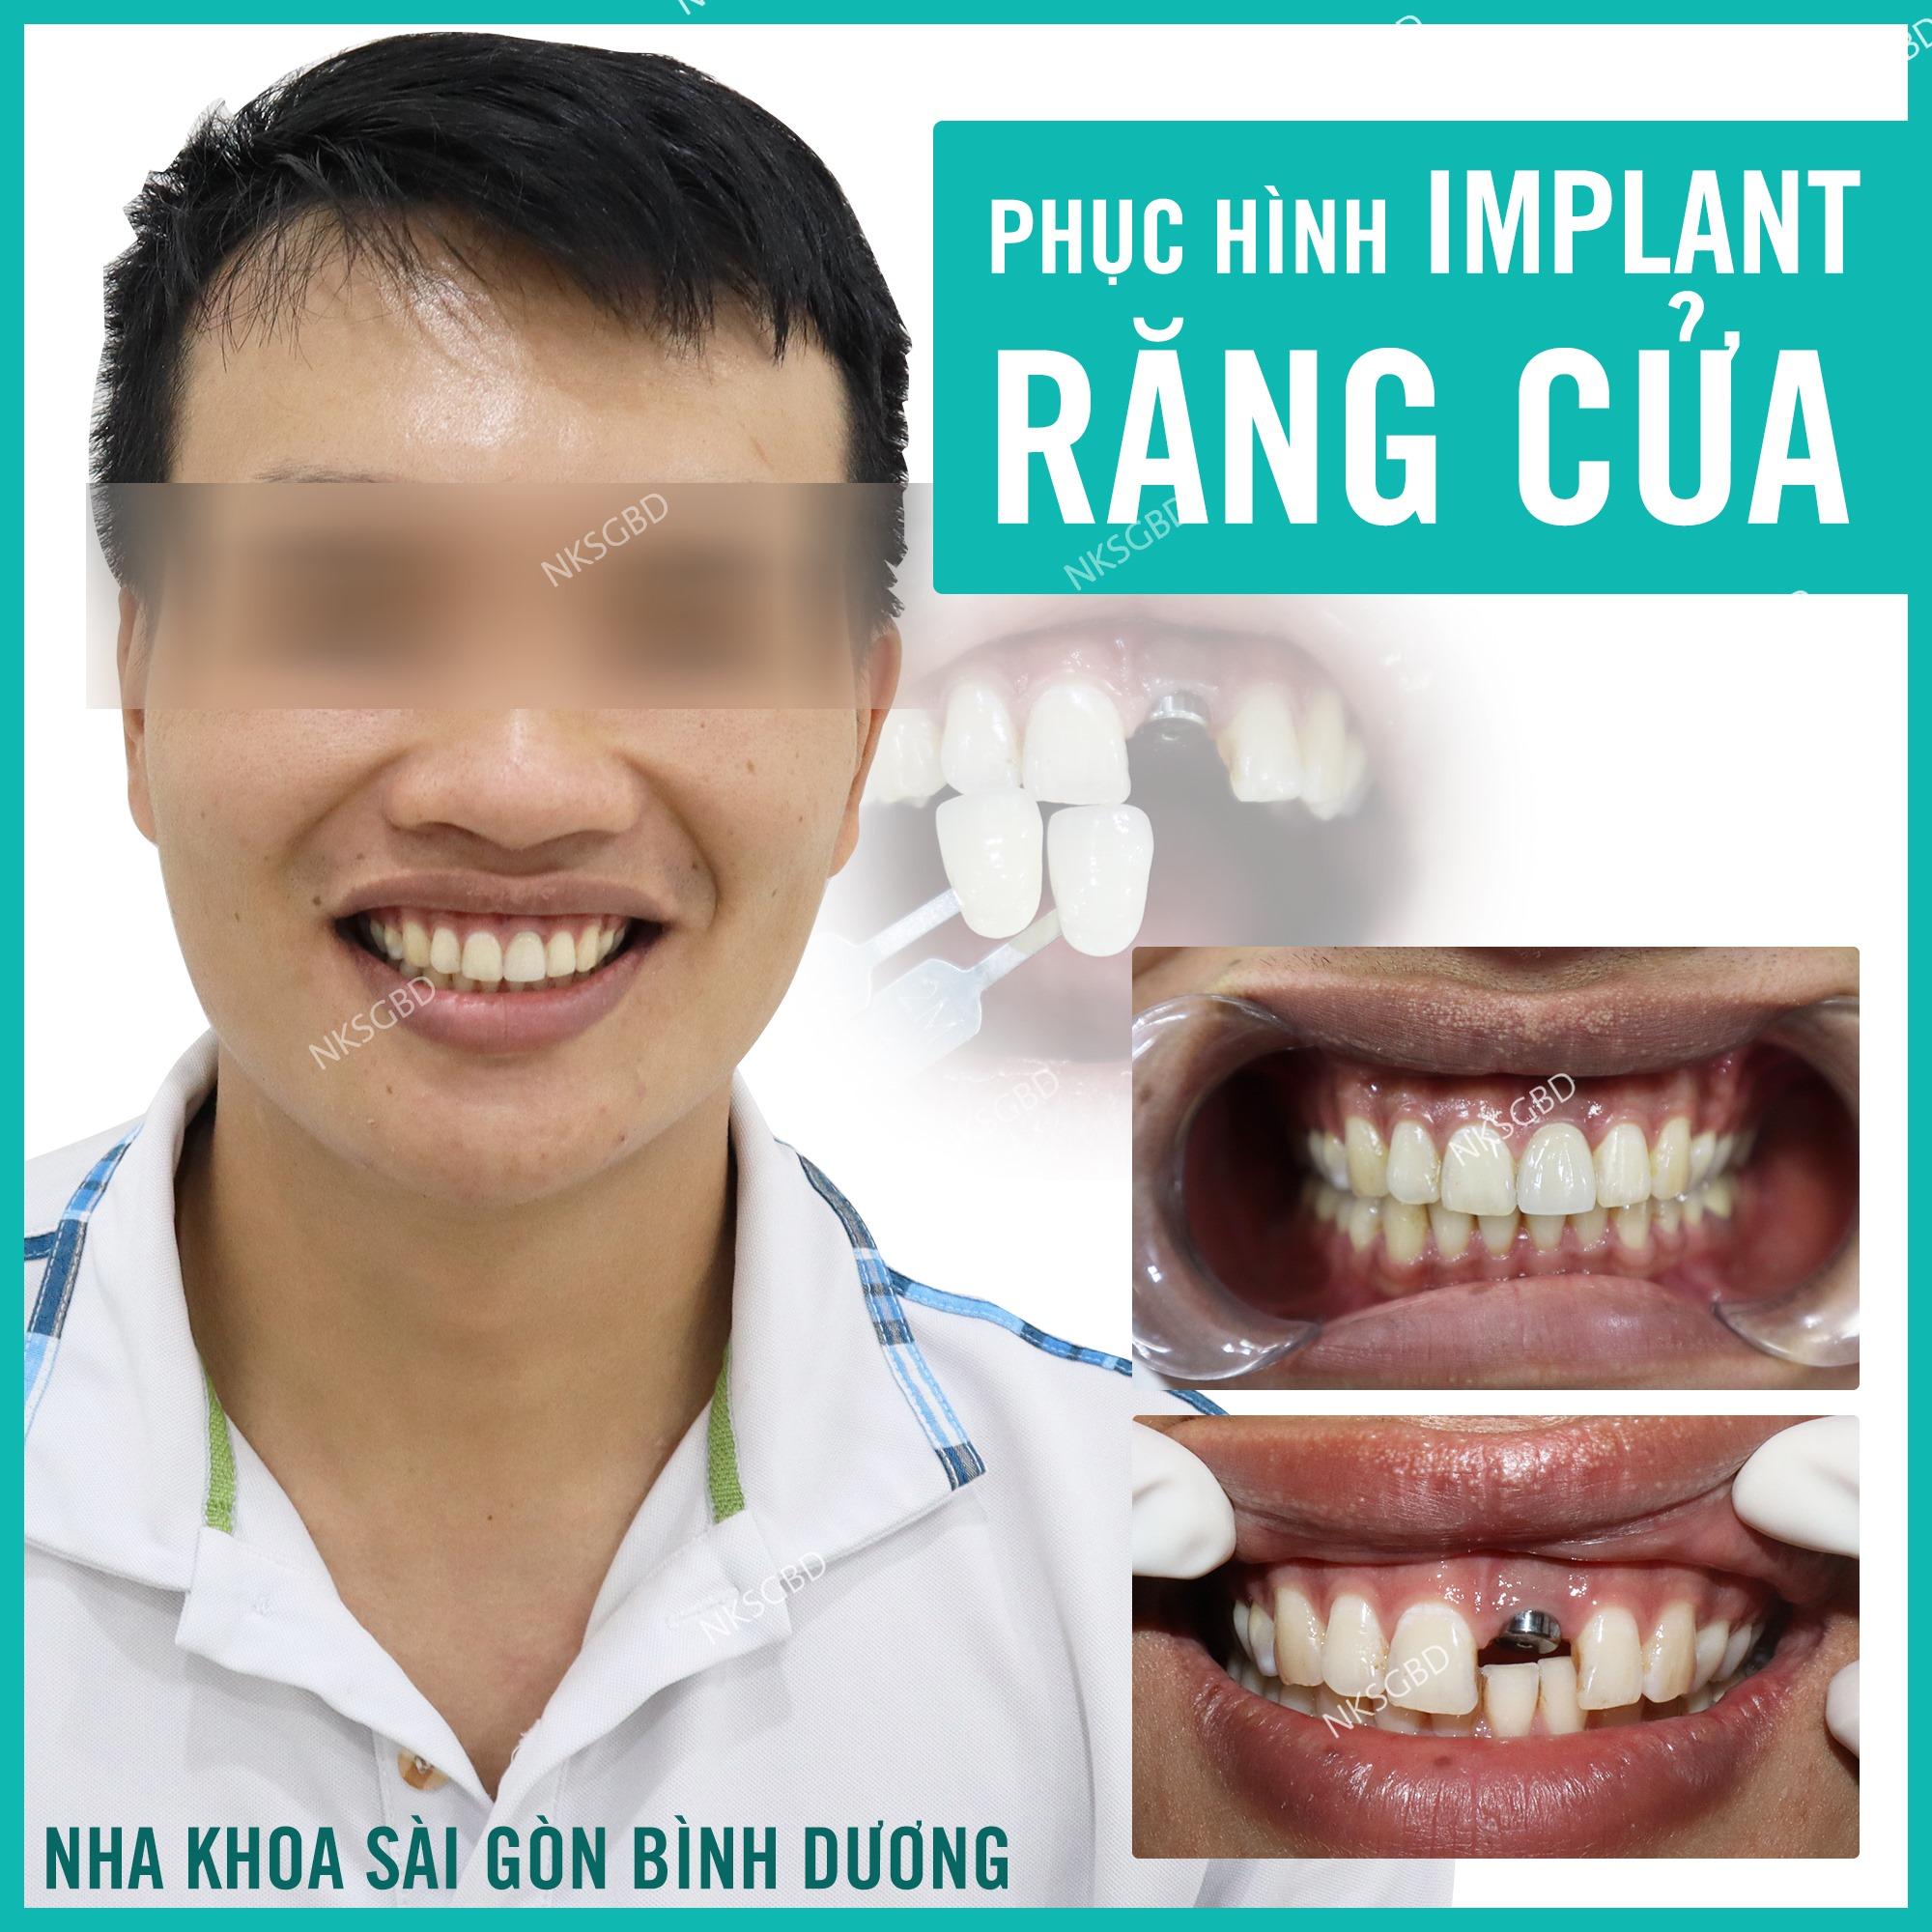 phuc hinh rang cua bang implant